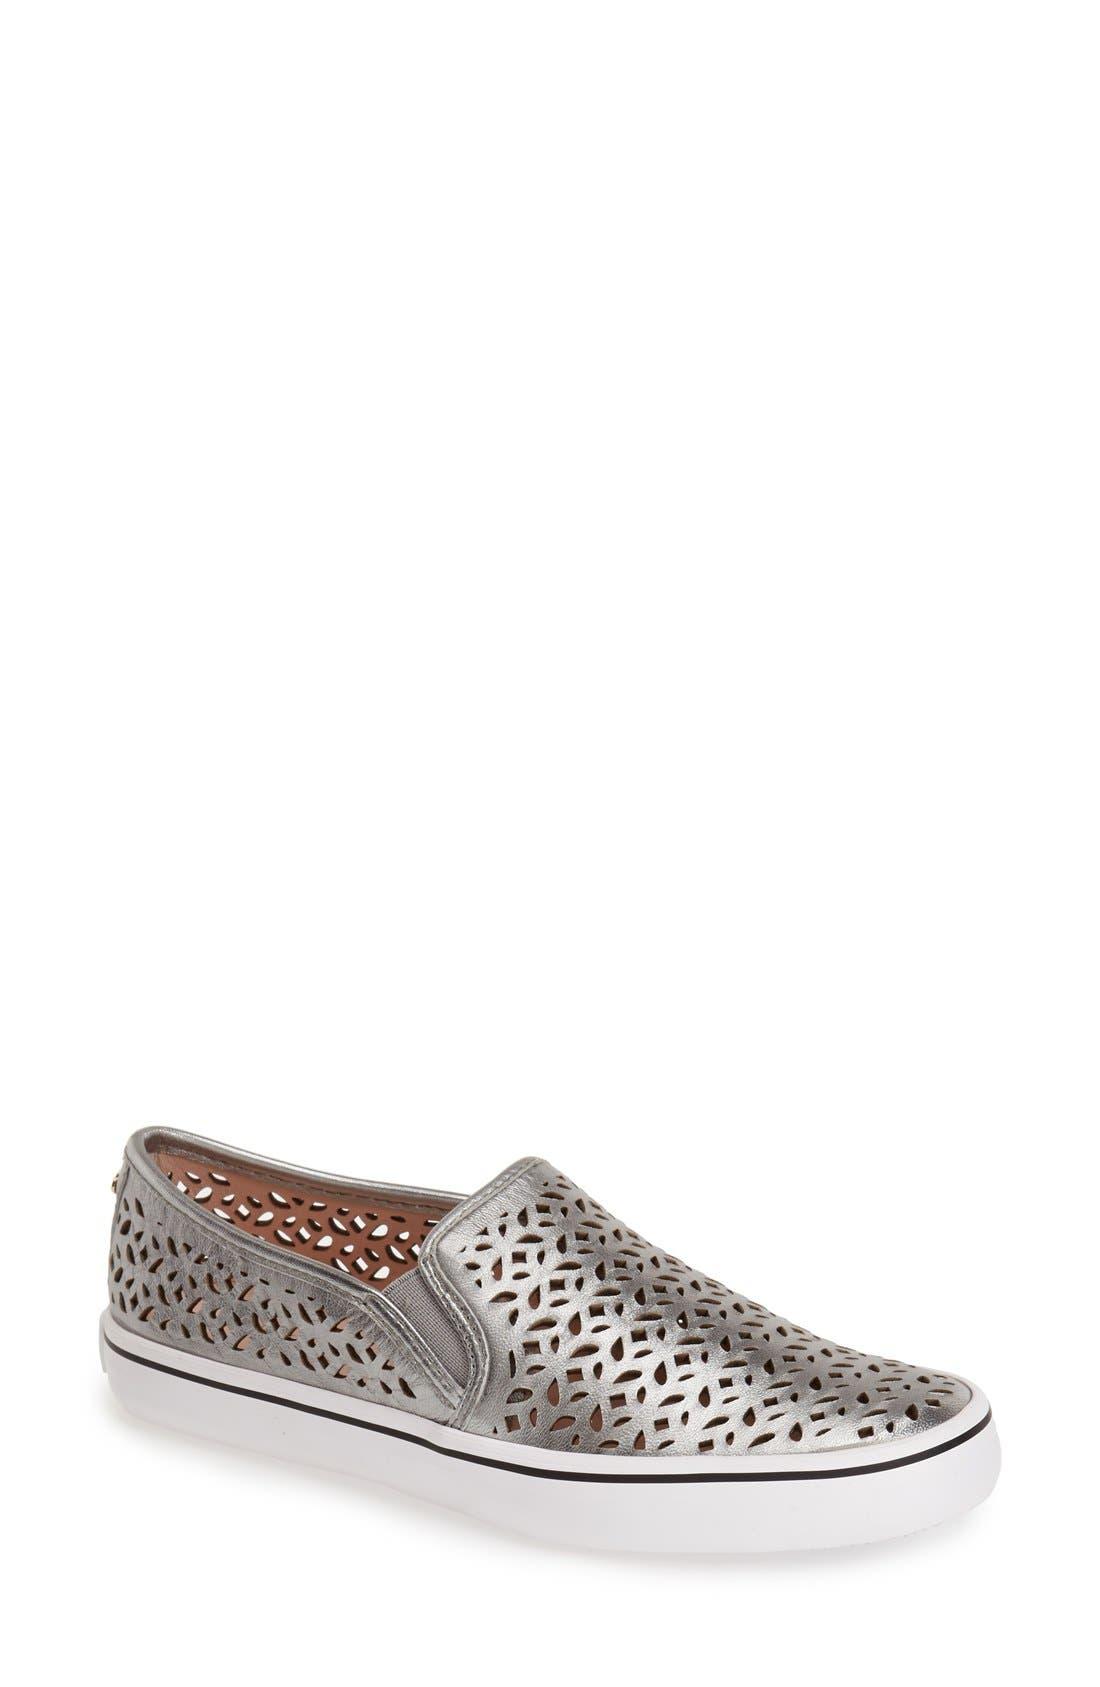 Main Image - kate spade new york 'saddie' slip-on sneaker (Women)